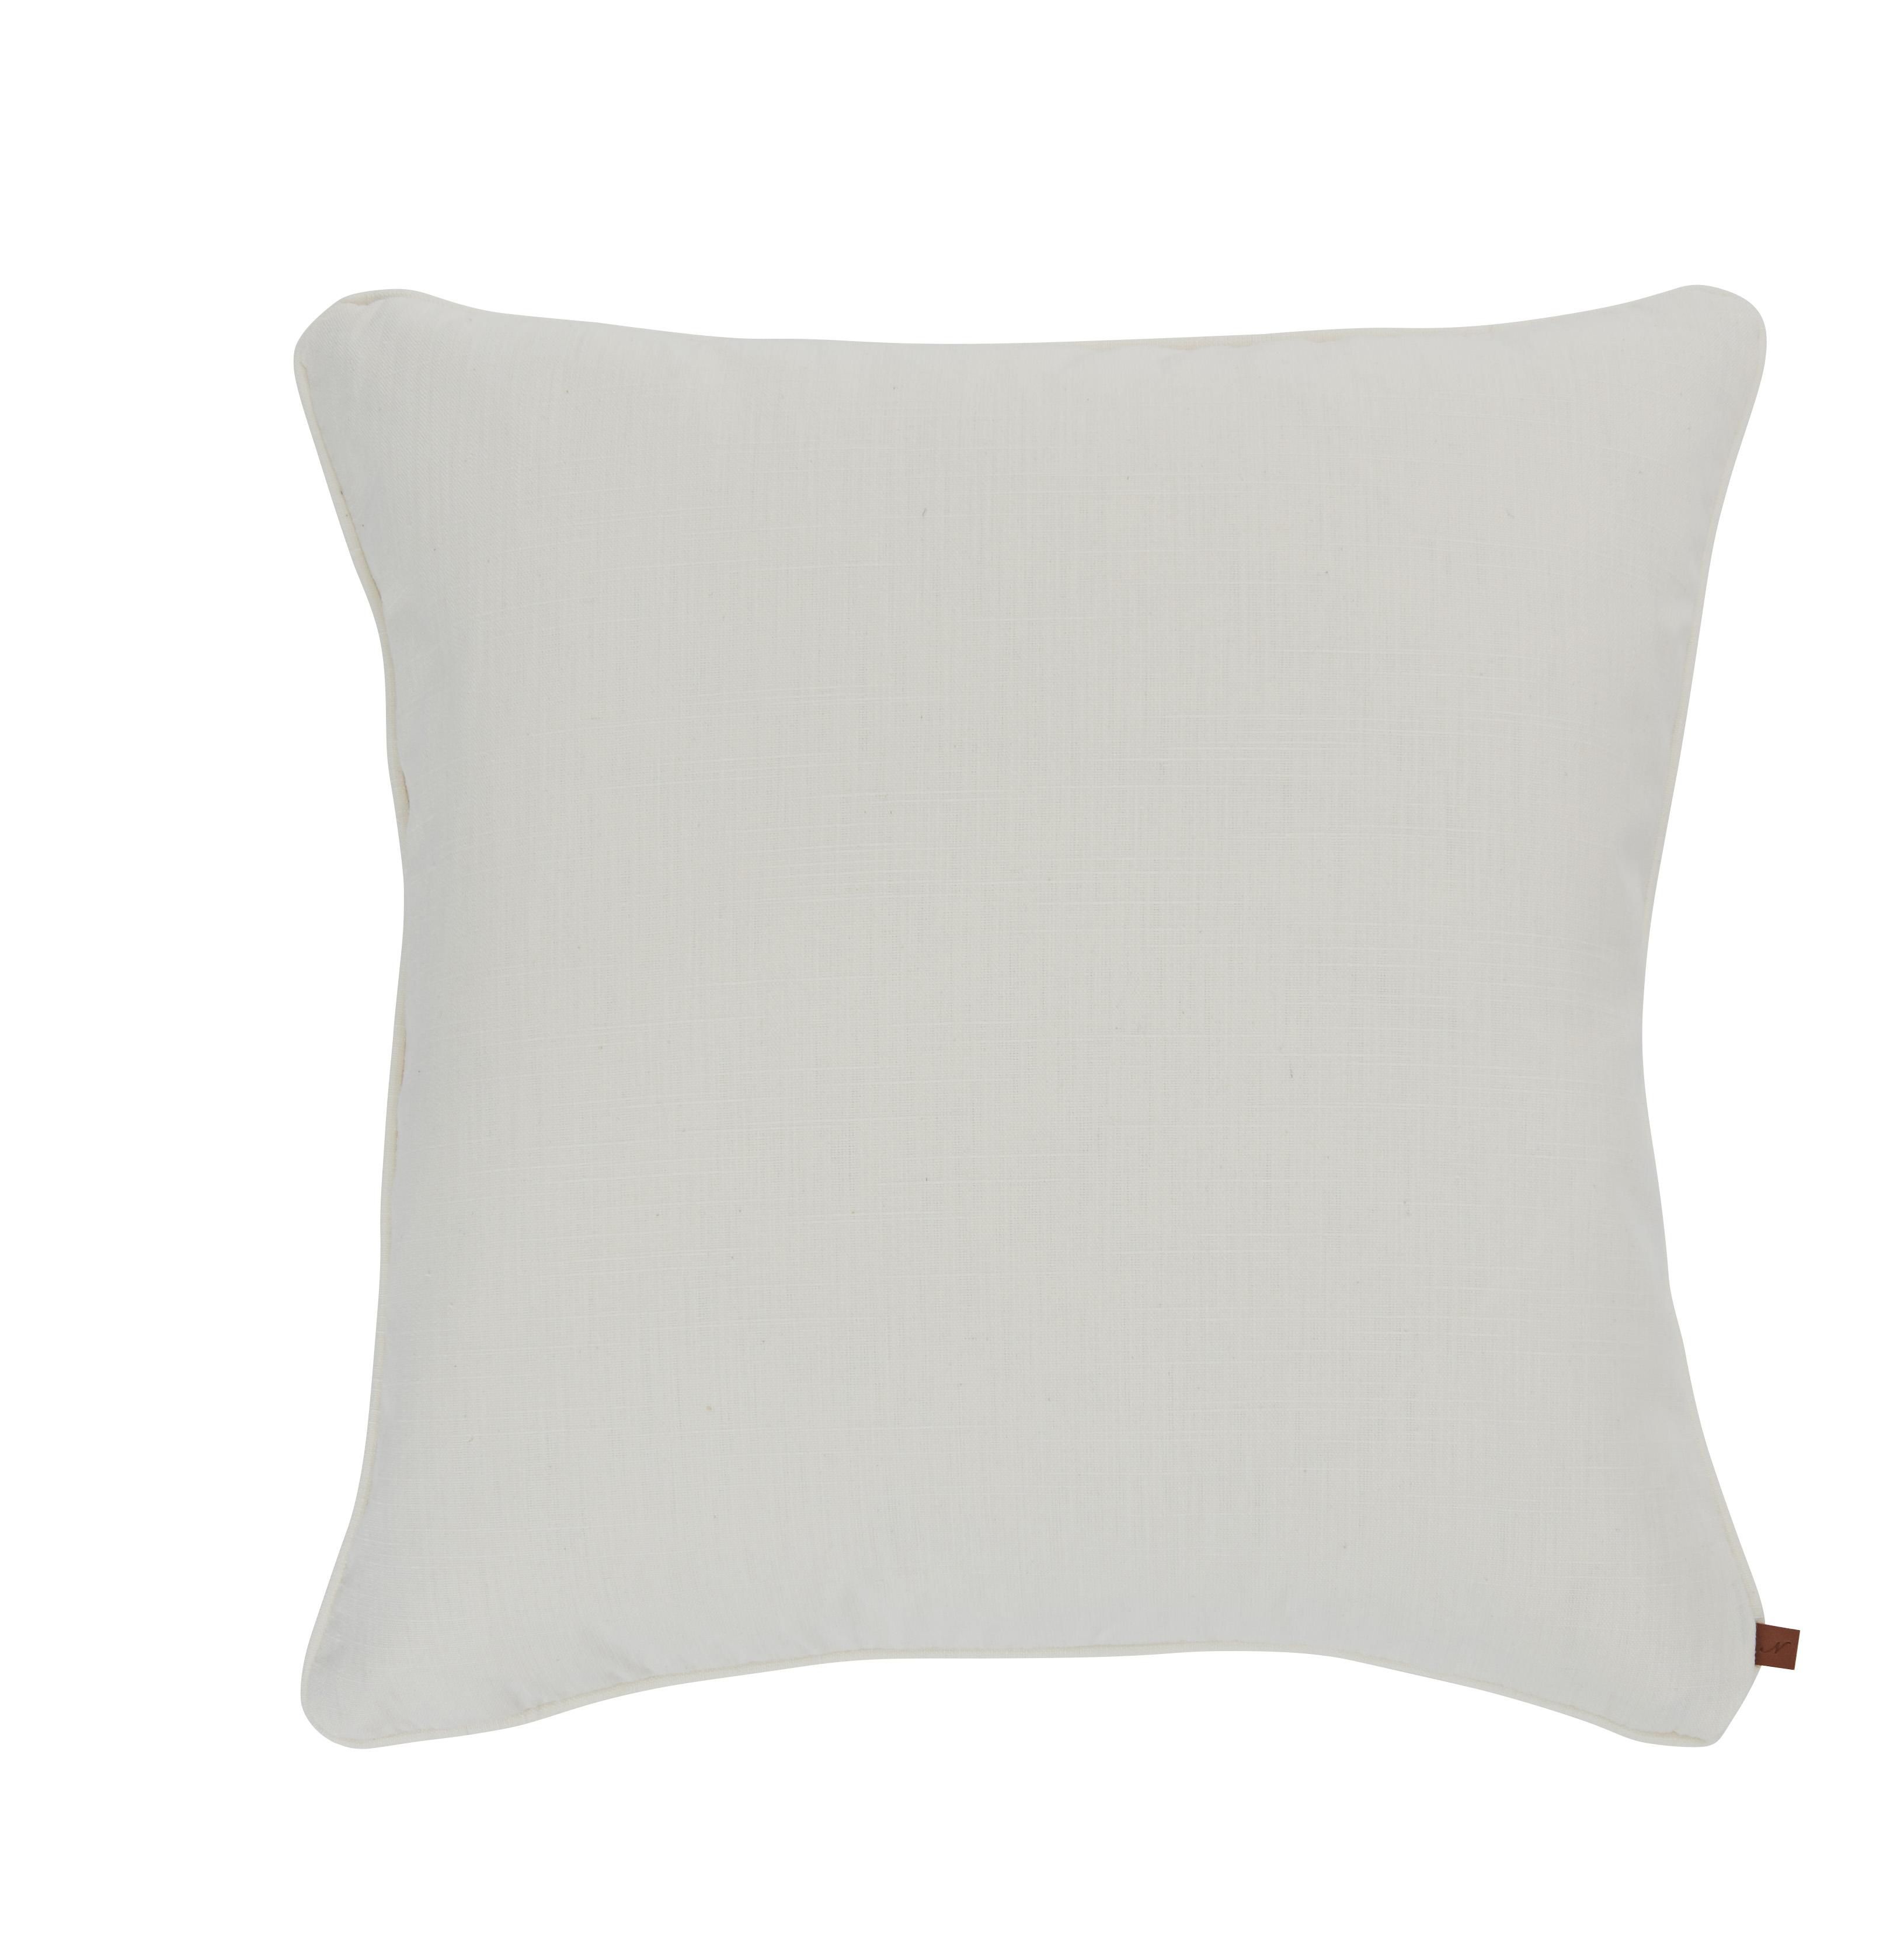 Grace Cushion 35x55cm, Gabriela Oyster Pink